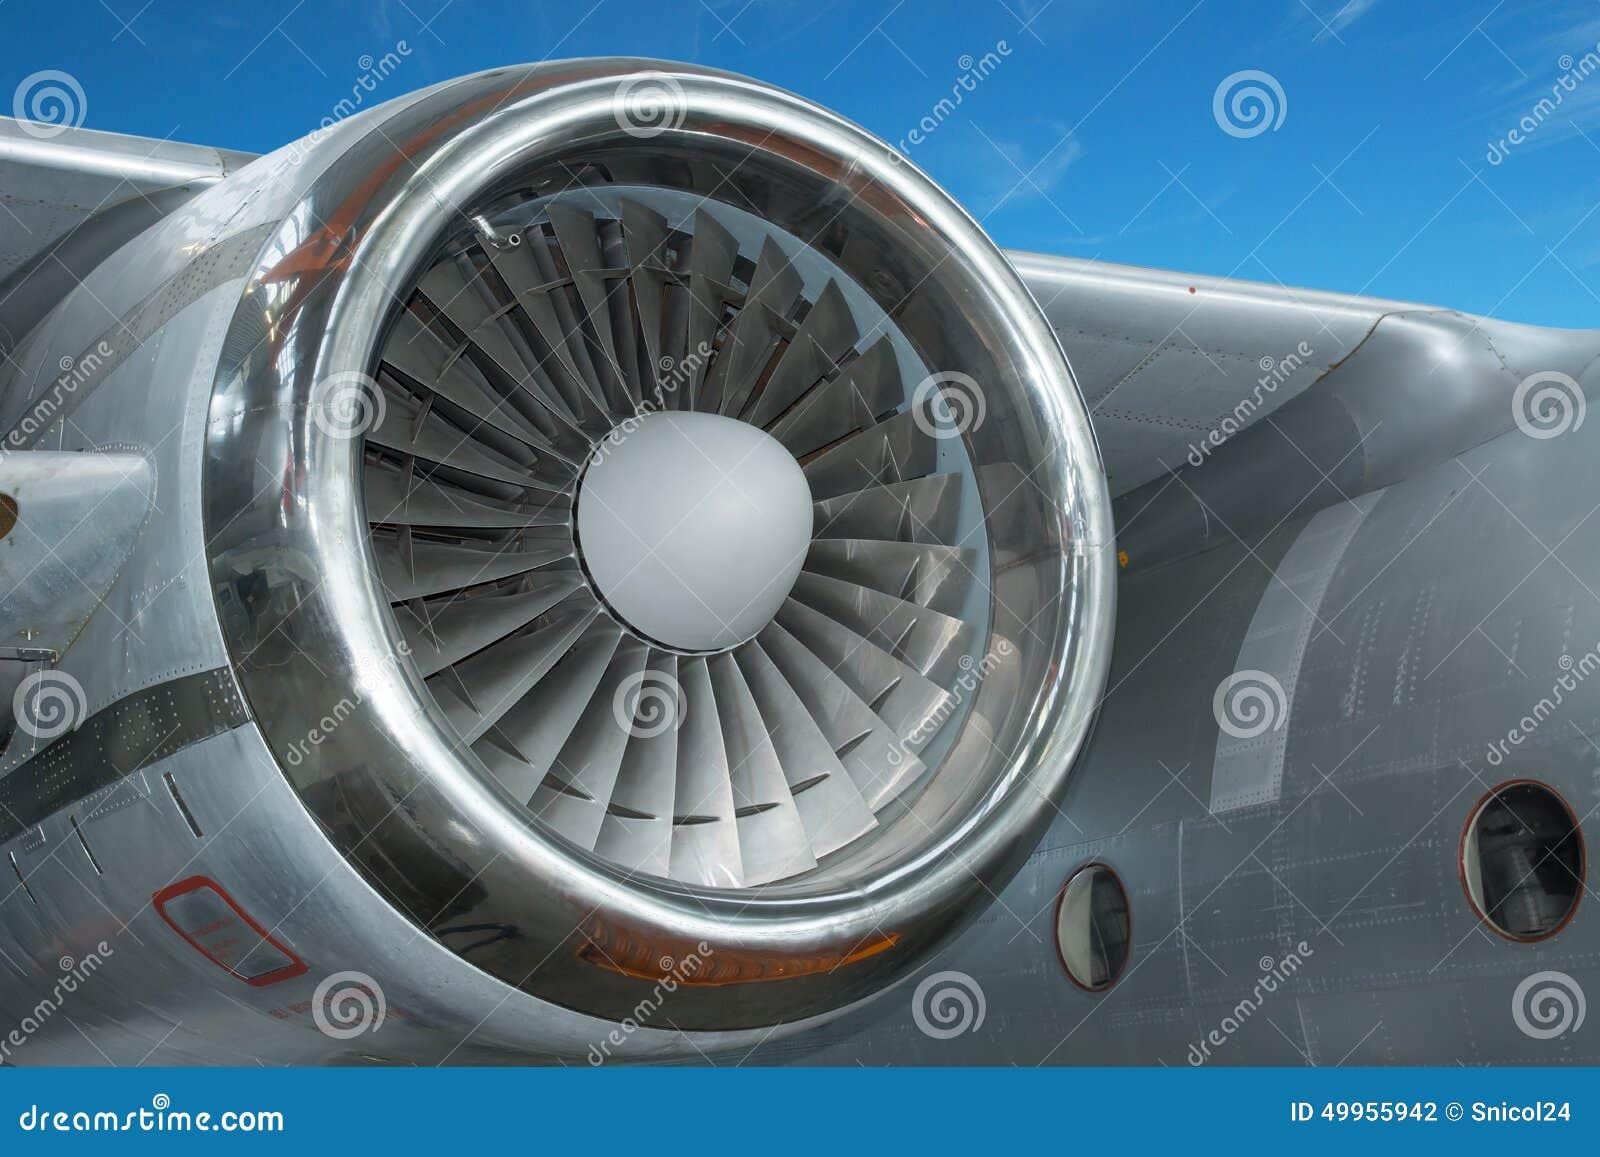 在飞机的喷气机引擎